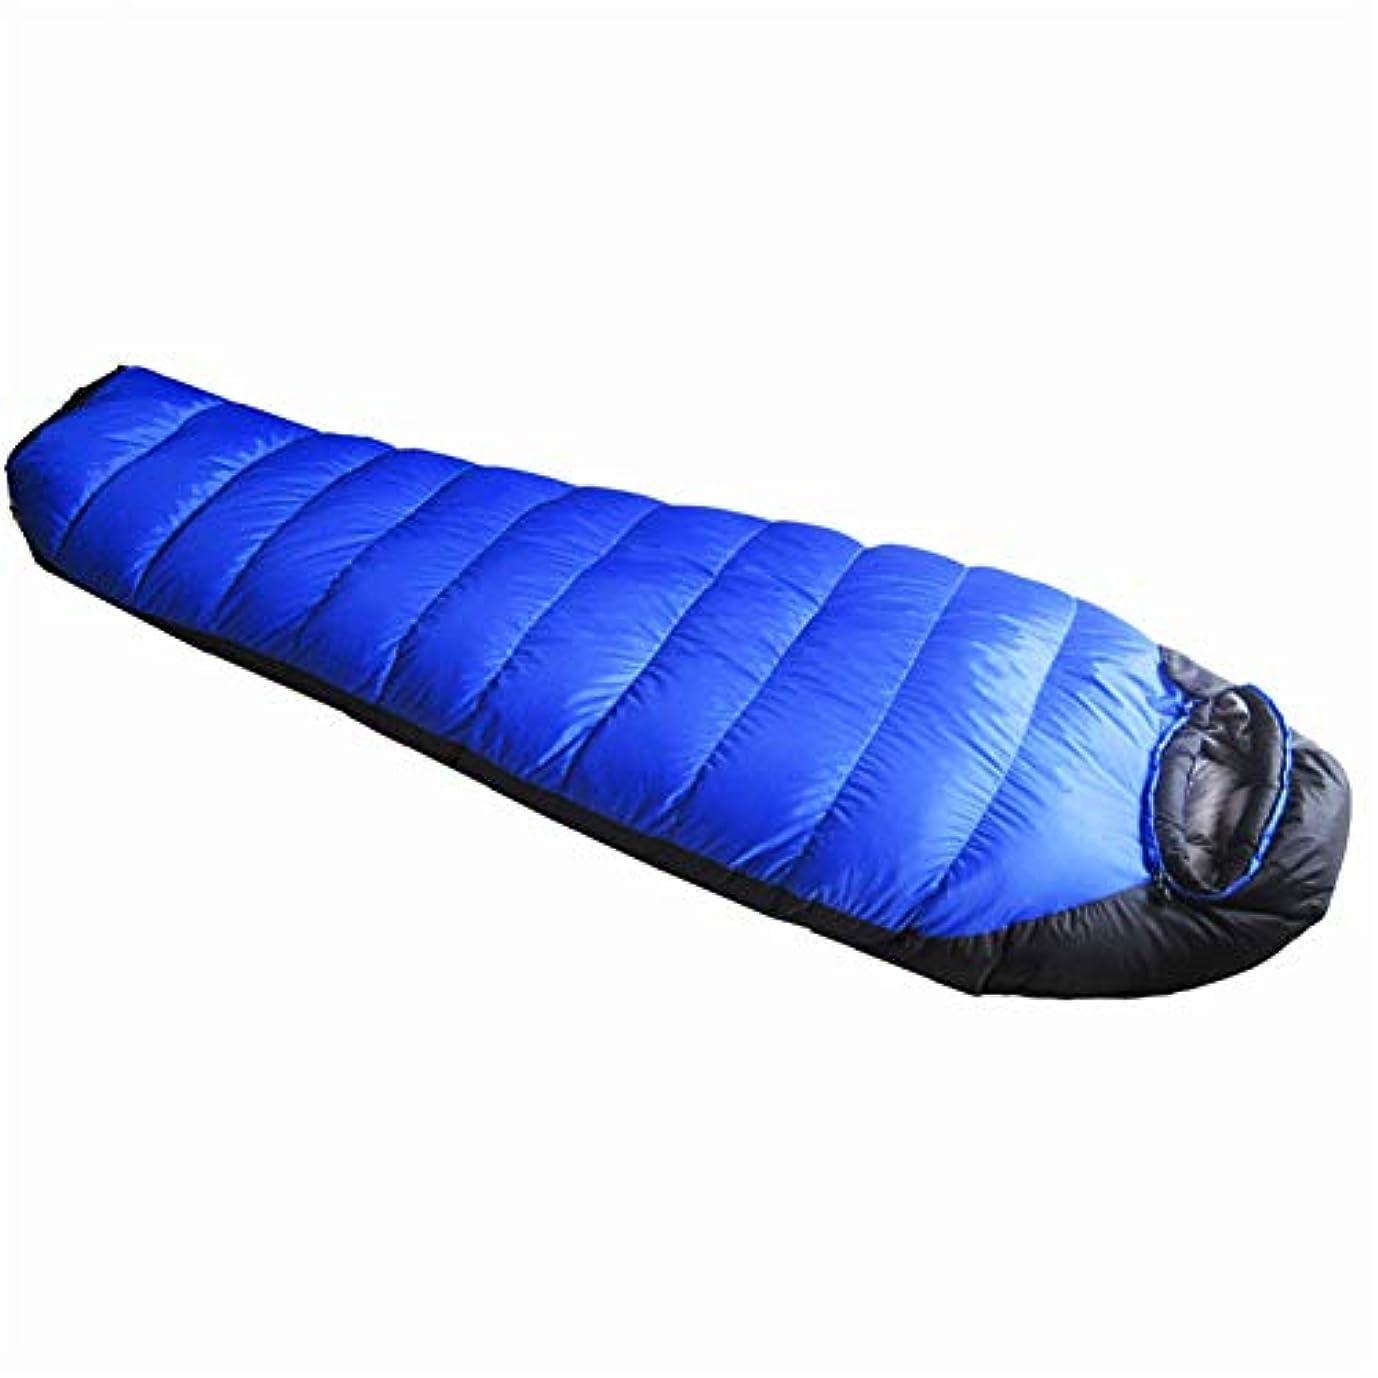 ピケ期待飾る寝袋、大人のミイラ暖かい睡眠袋軽量通気性屋外睡眠袋旅行バックパックテント、ハンモックキャンプ睡眠システム,Blue,1500g